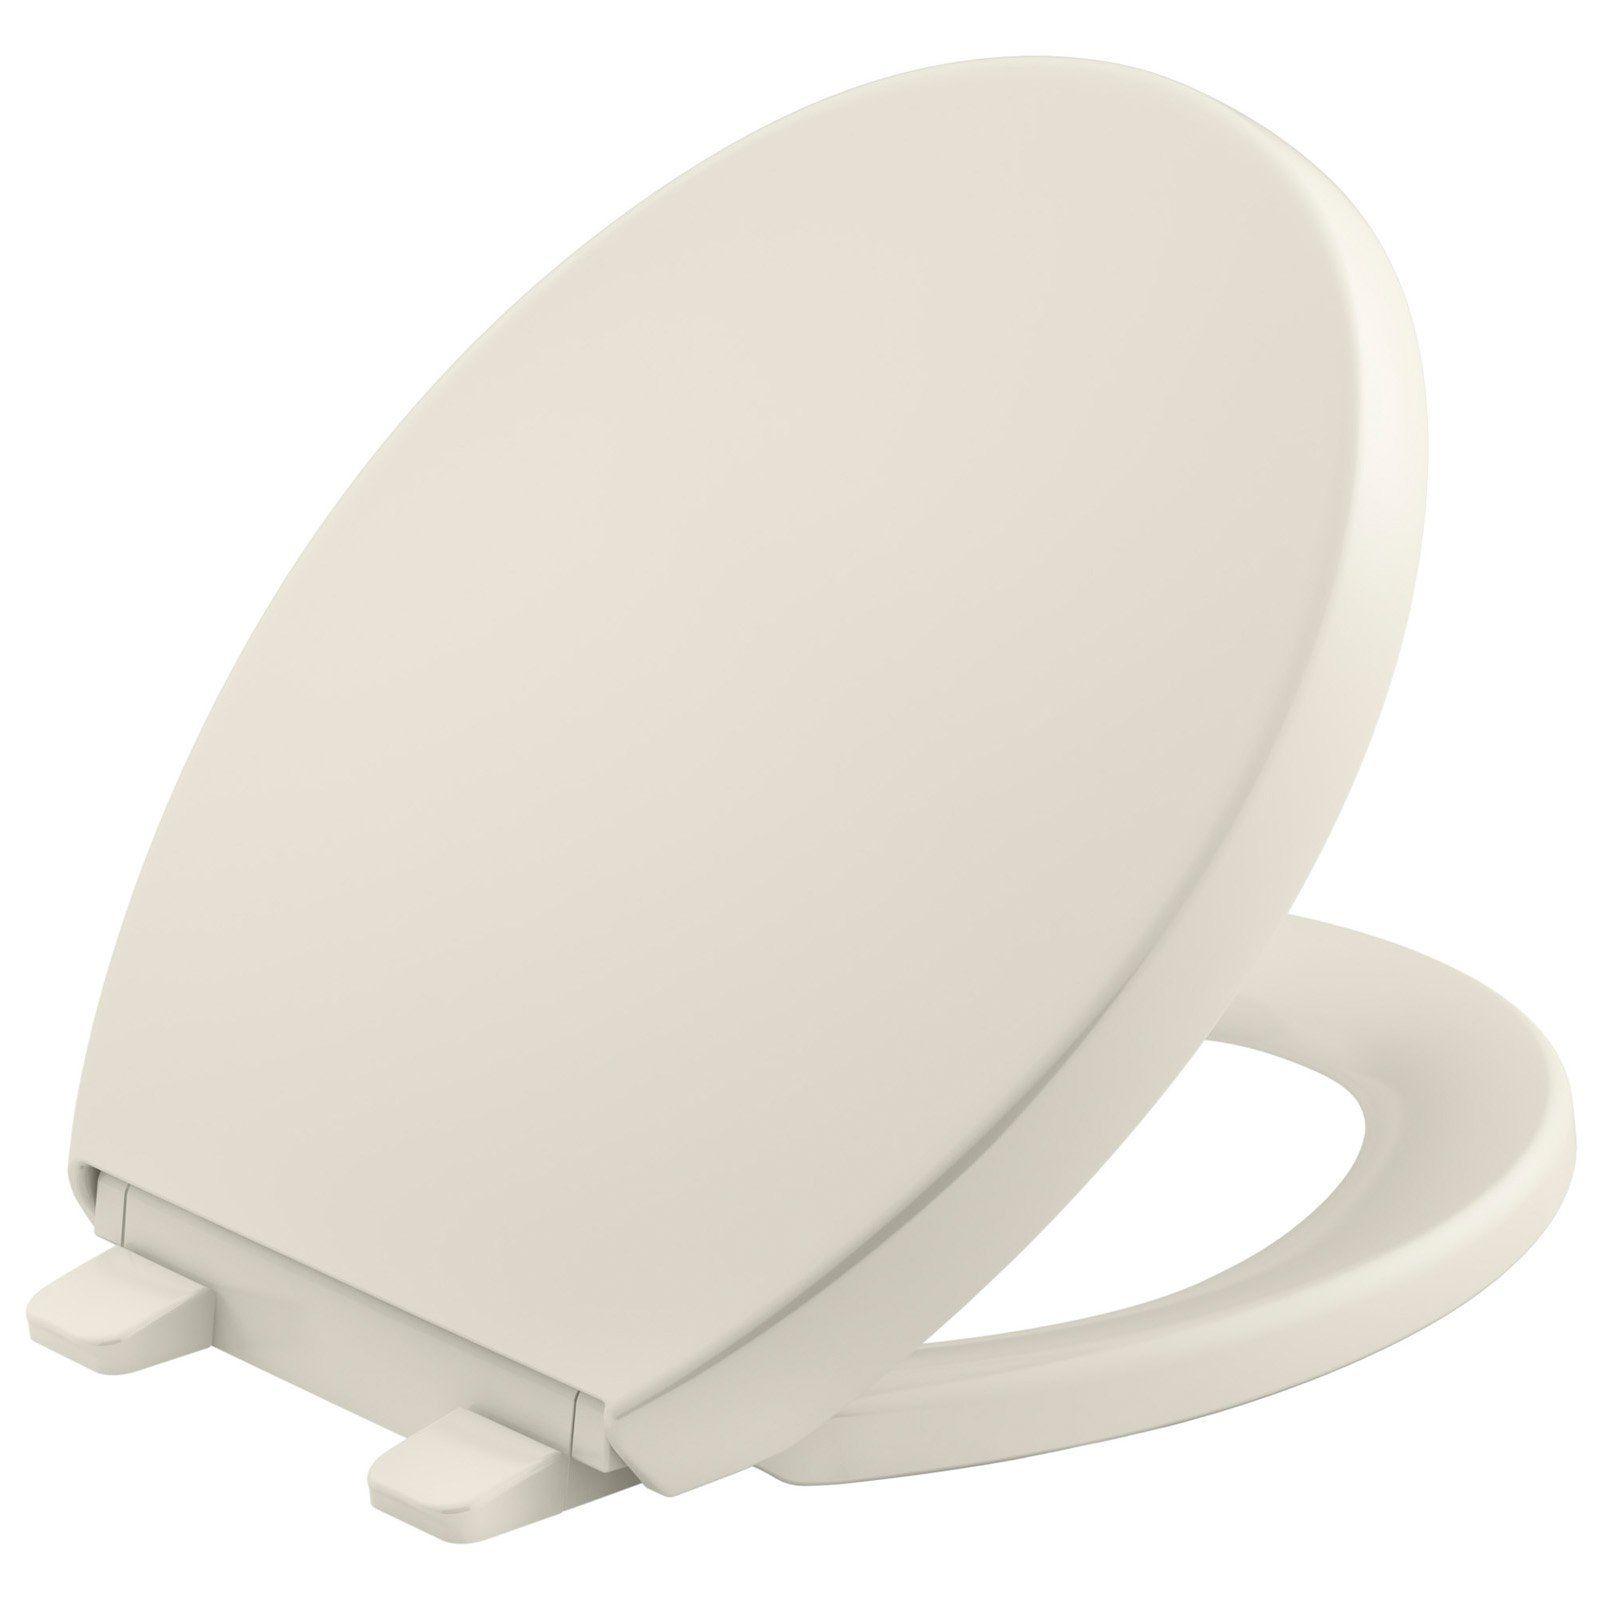 Sanilo Round Toilet Seat Wide Choice Of Slow Close Toilet Seats